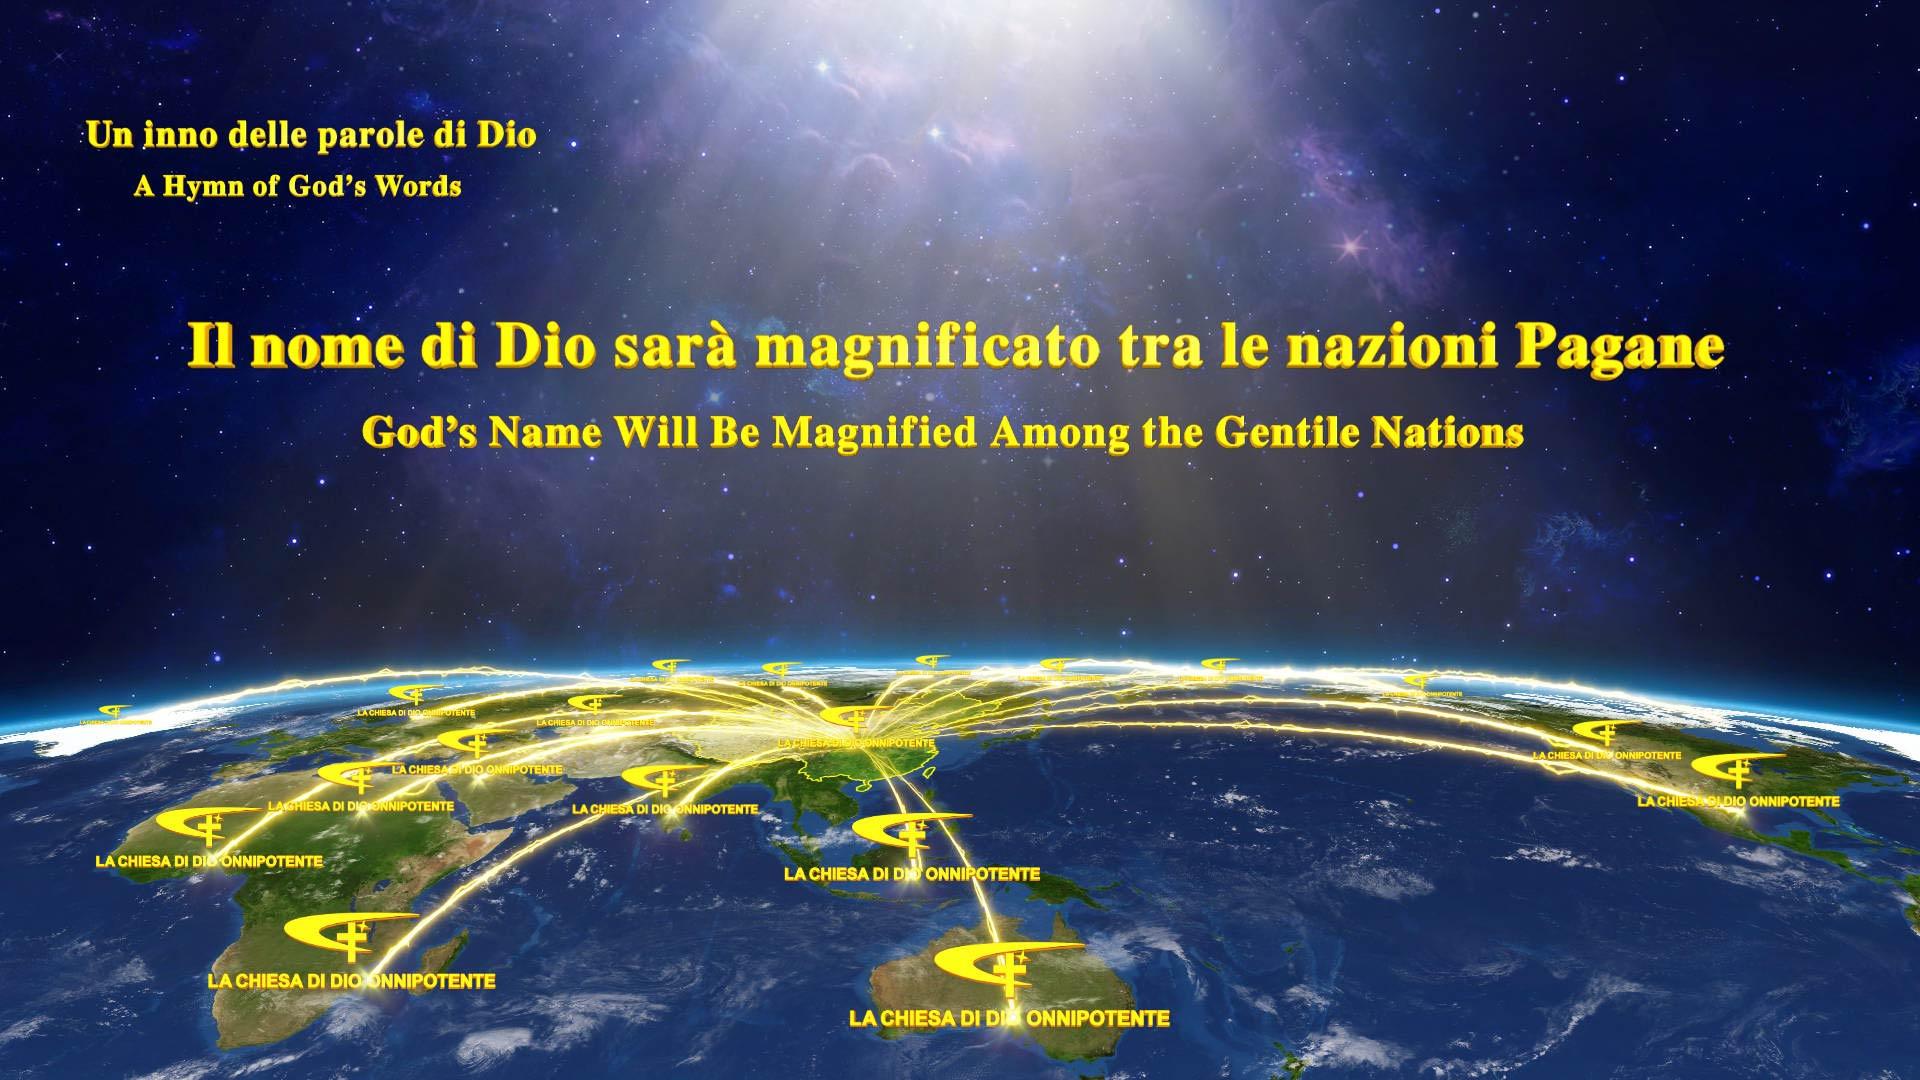 Canzone cristiana – Il vangelo del regno Il nome di Dio sarà magnificato tra le nazioni Pagane